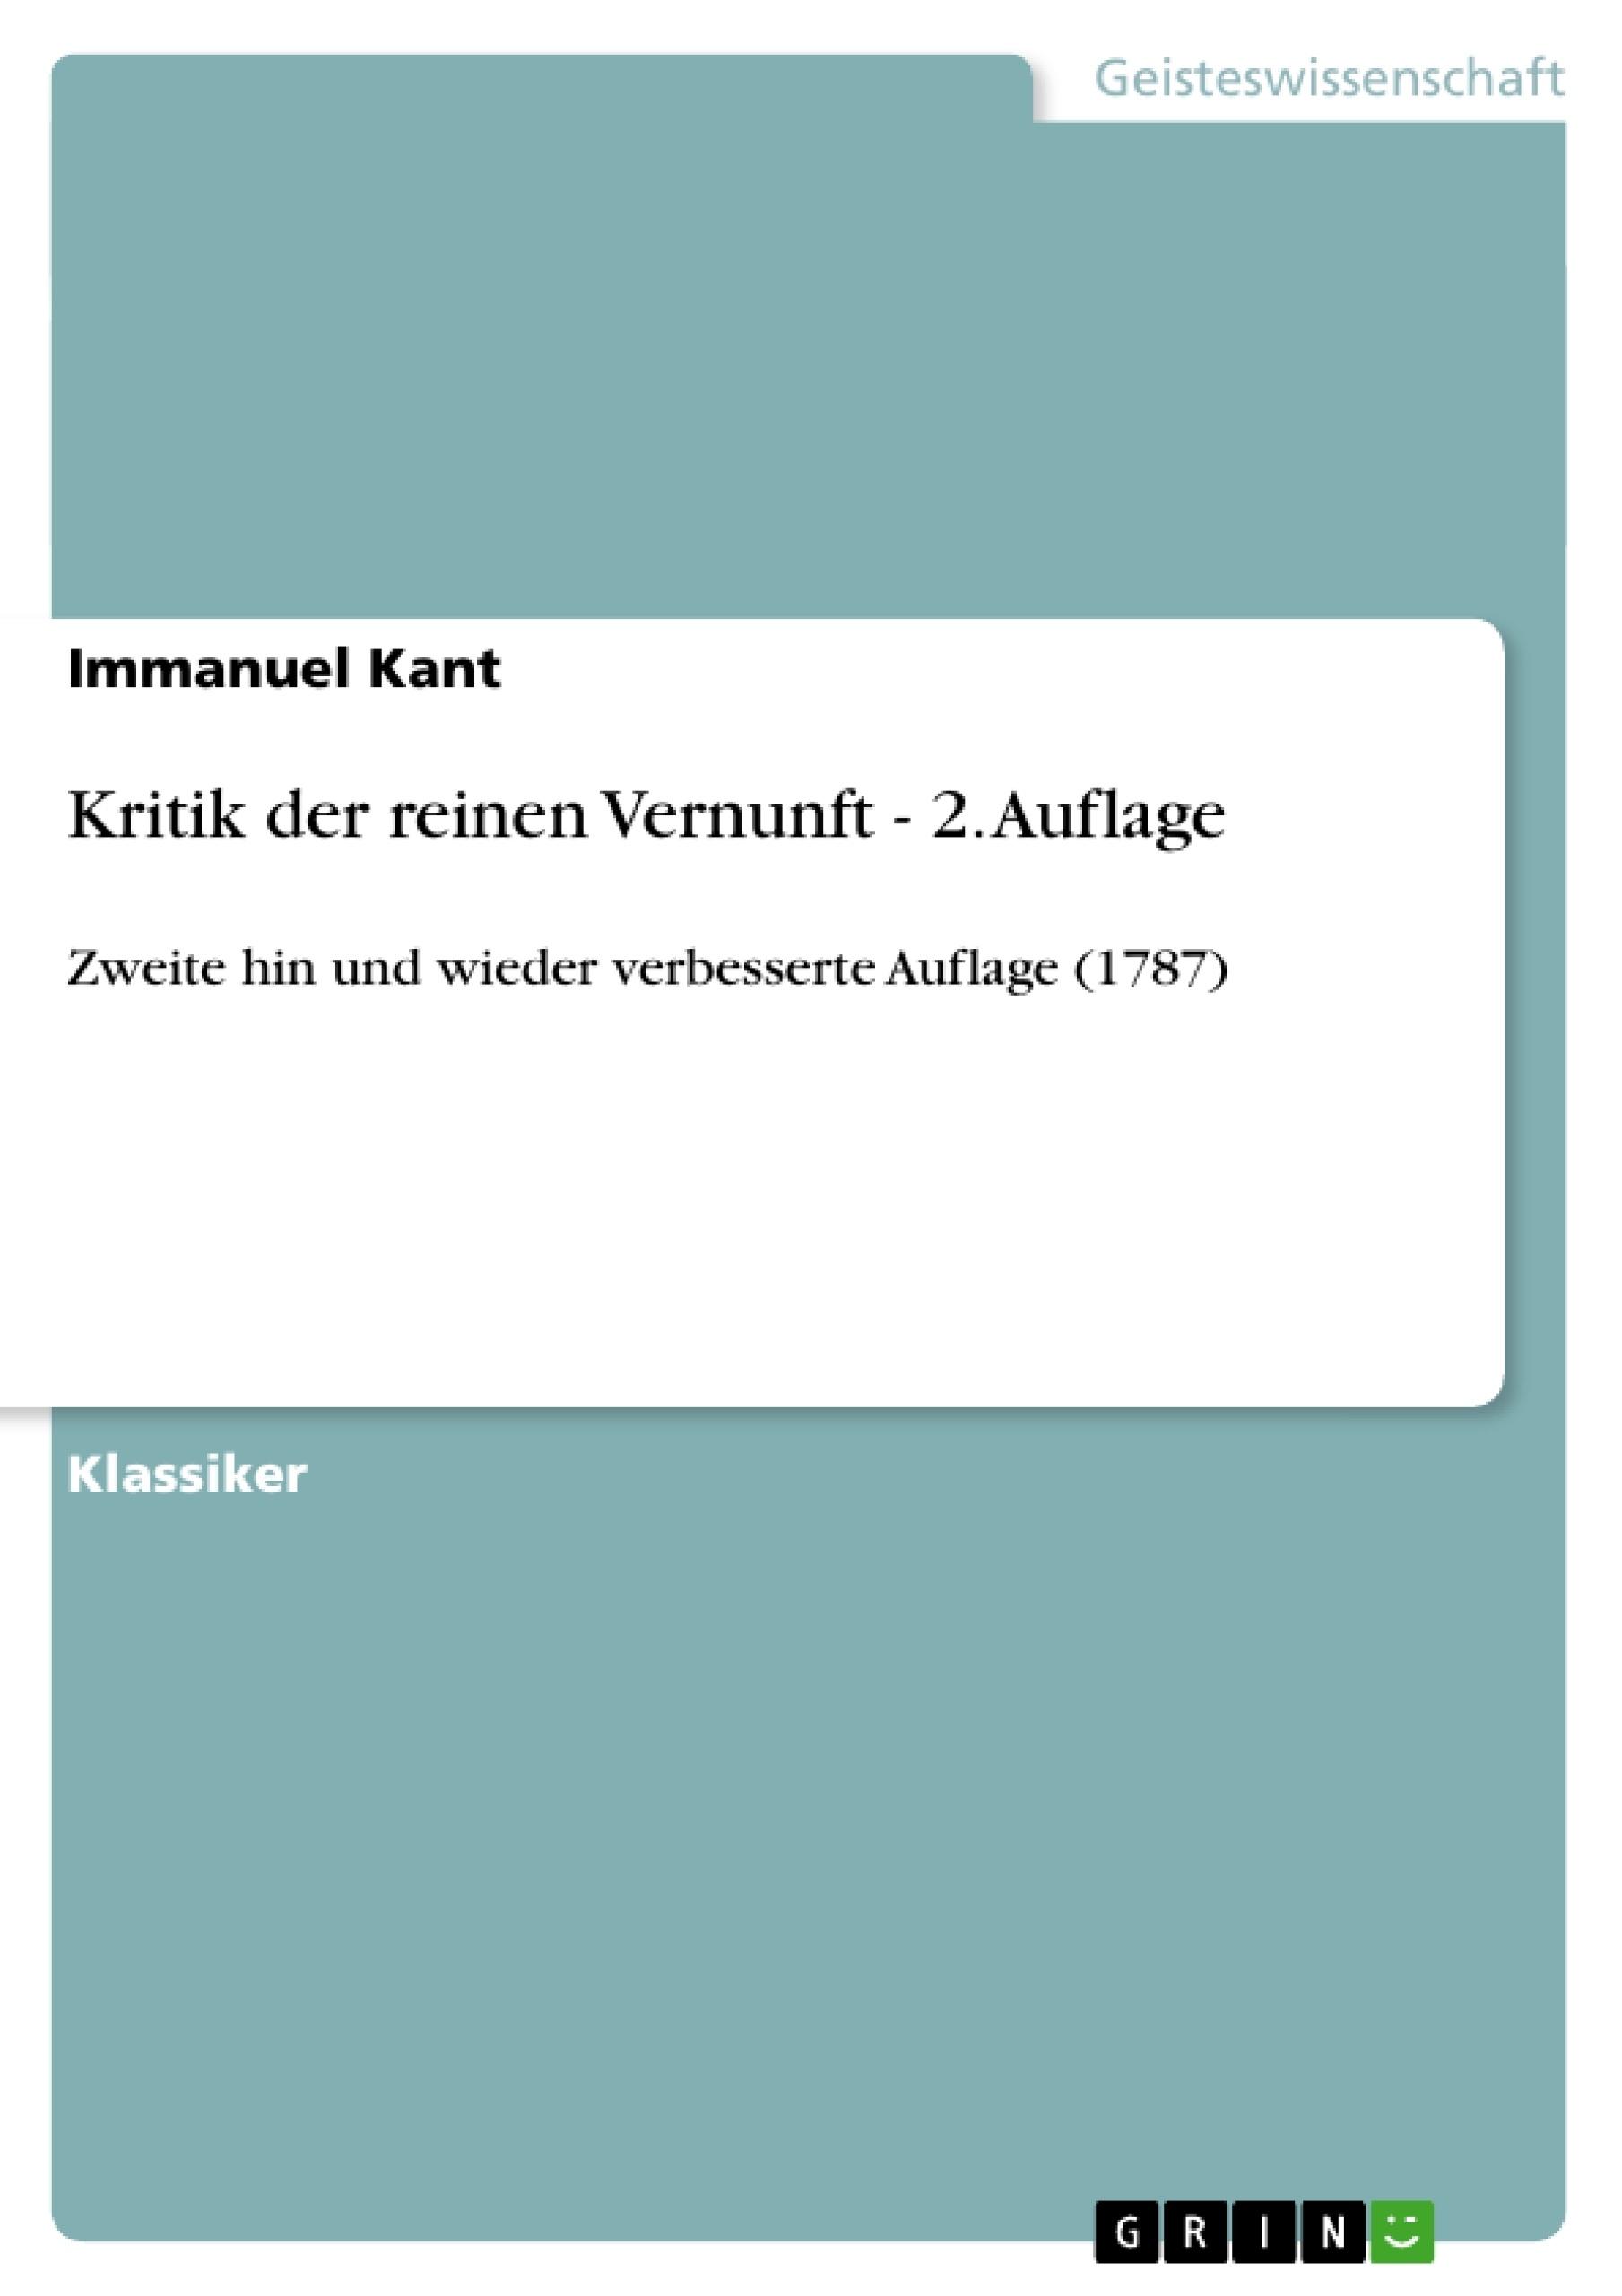 Titel: Kritik der reinen Vernunft - 2. Auflage